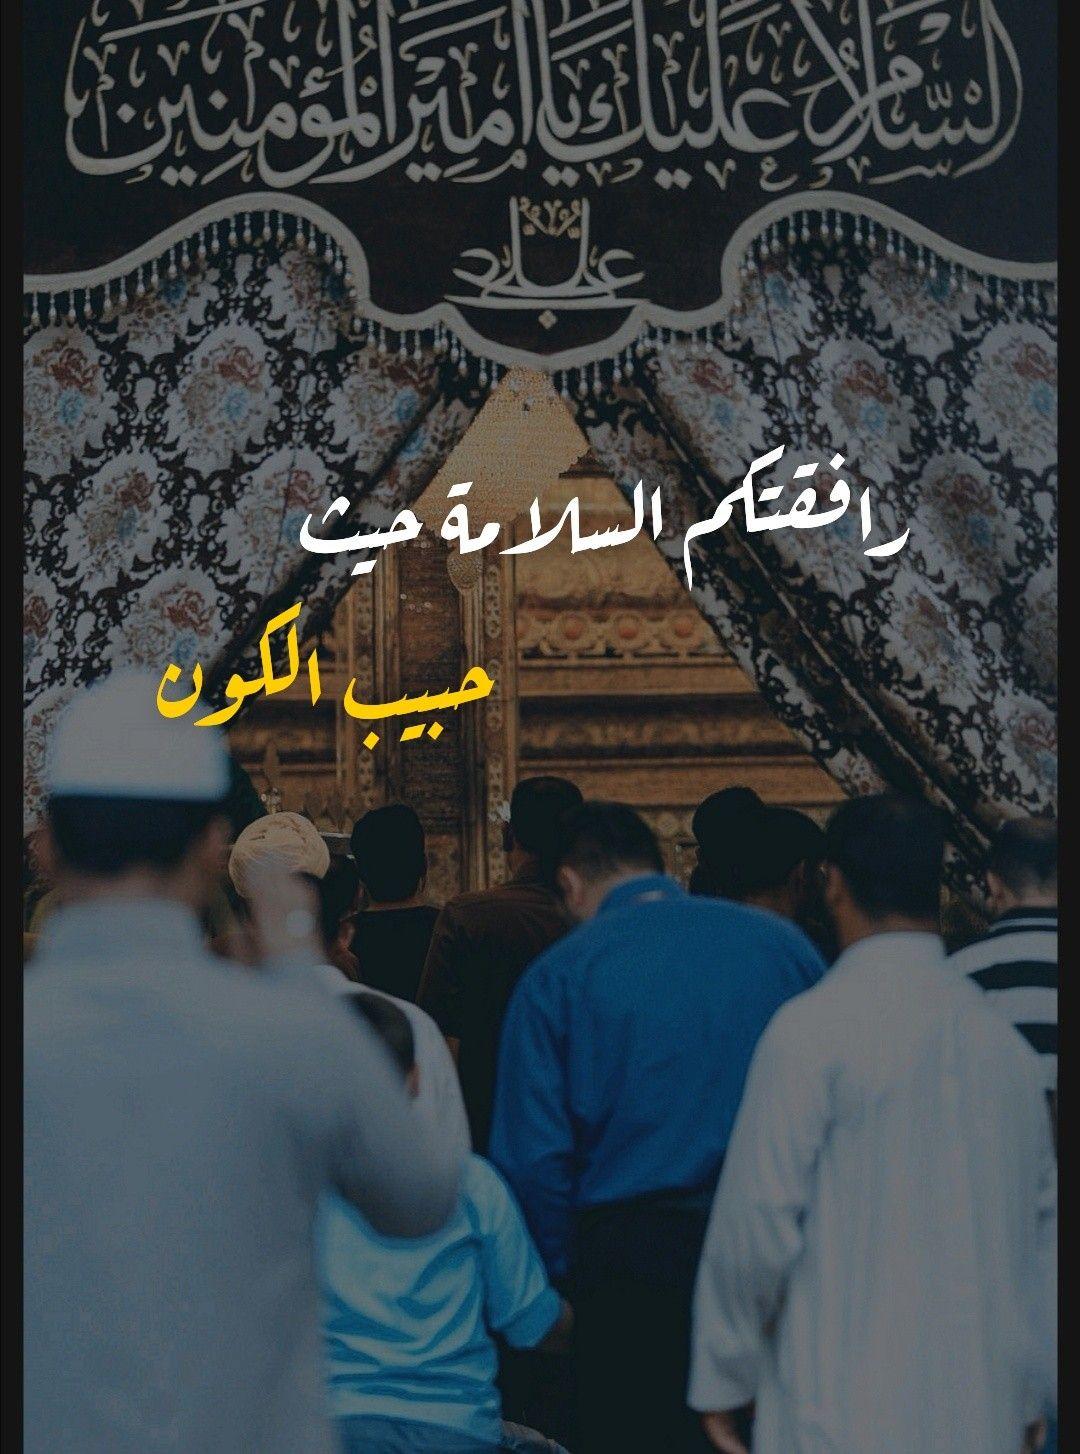 رافقتكم السلامة حيث حبيب الكون شفيع الامم ابا الحسن المسدد Imam Hussain Wallpapers Karbala Iraq Imam Hussain Karbala